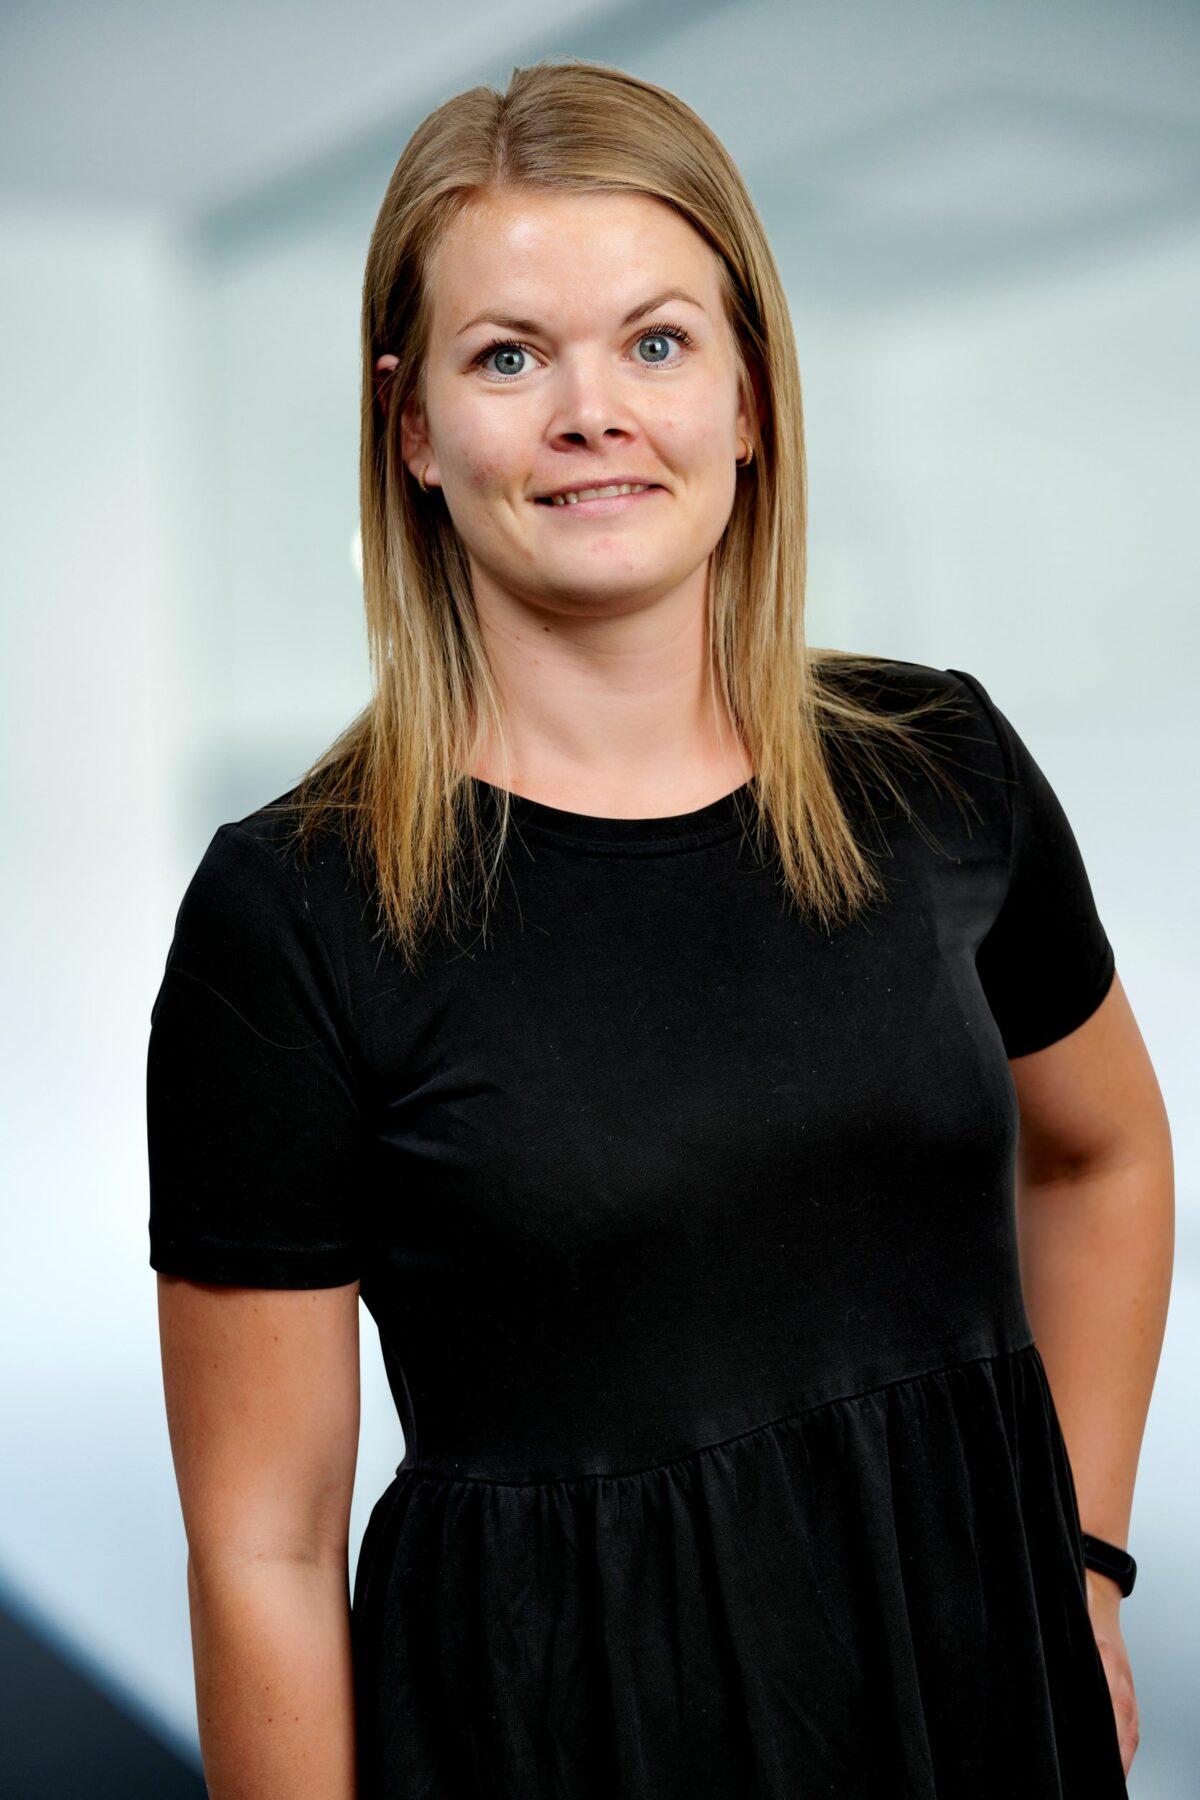 Julie Månssen